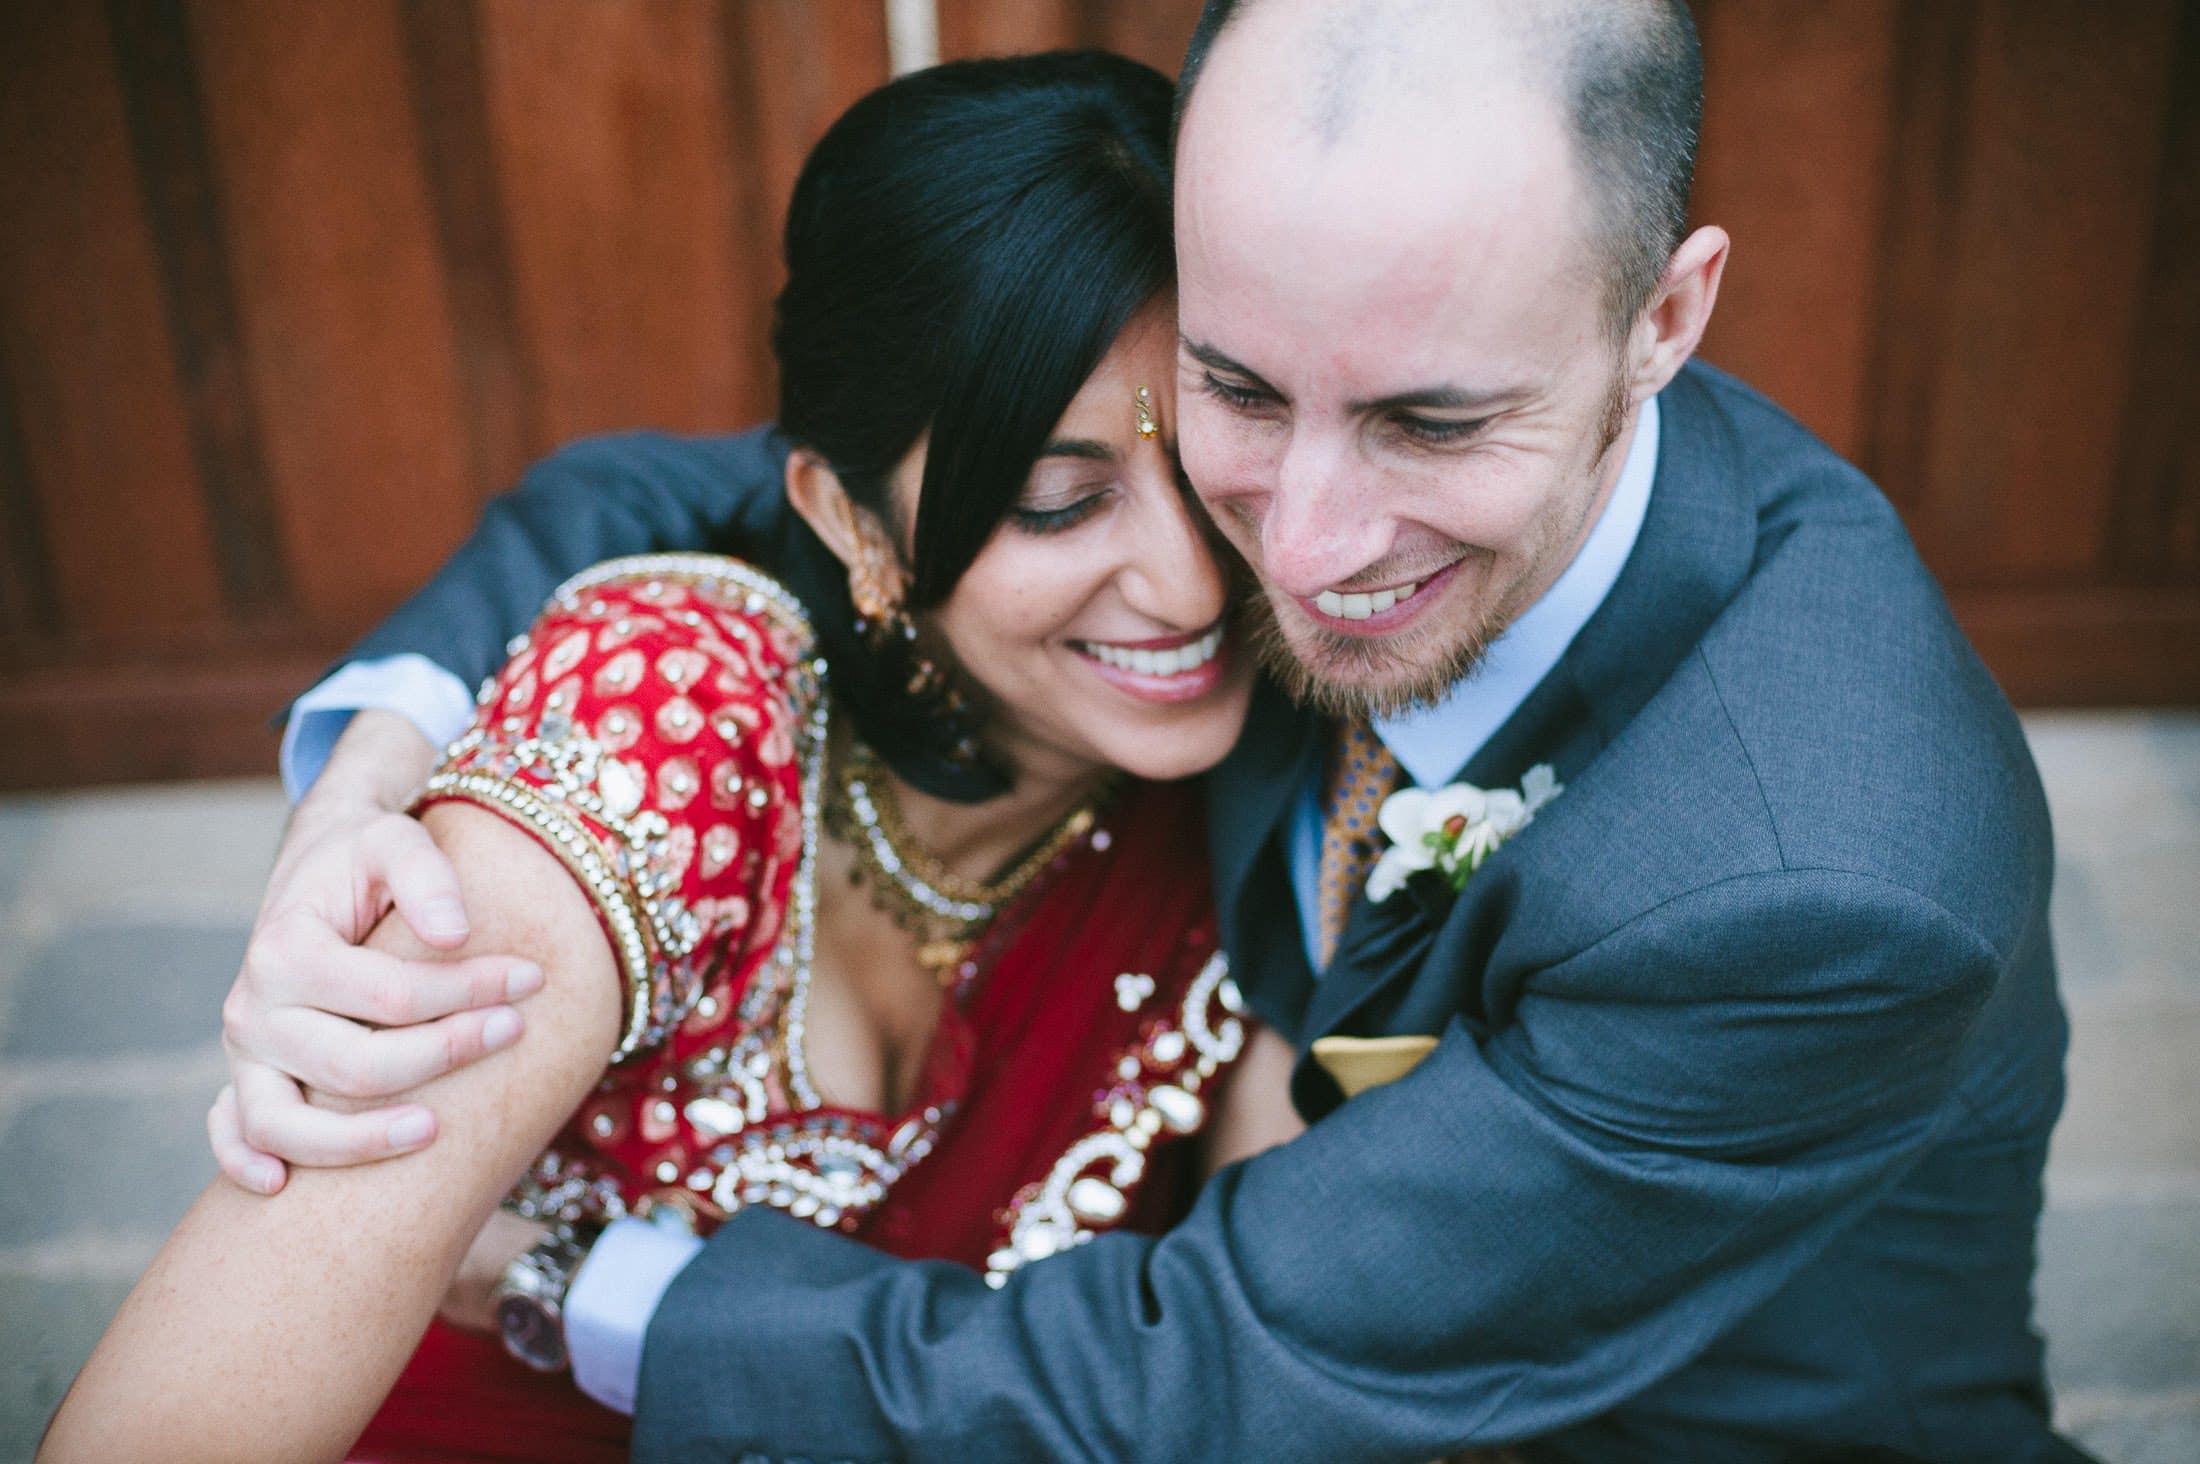 Fun couple with bride in Indian garb at Ramekins Wedding